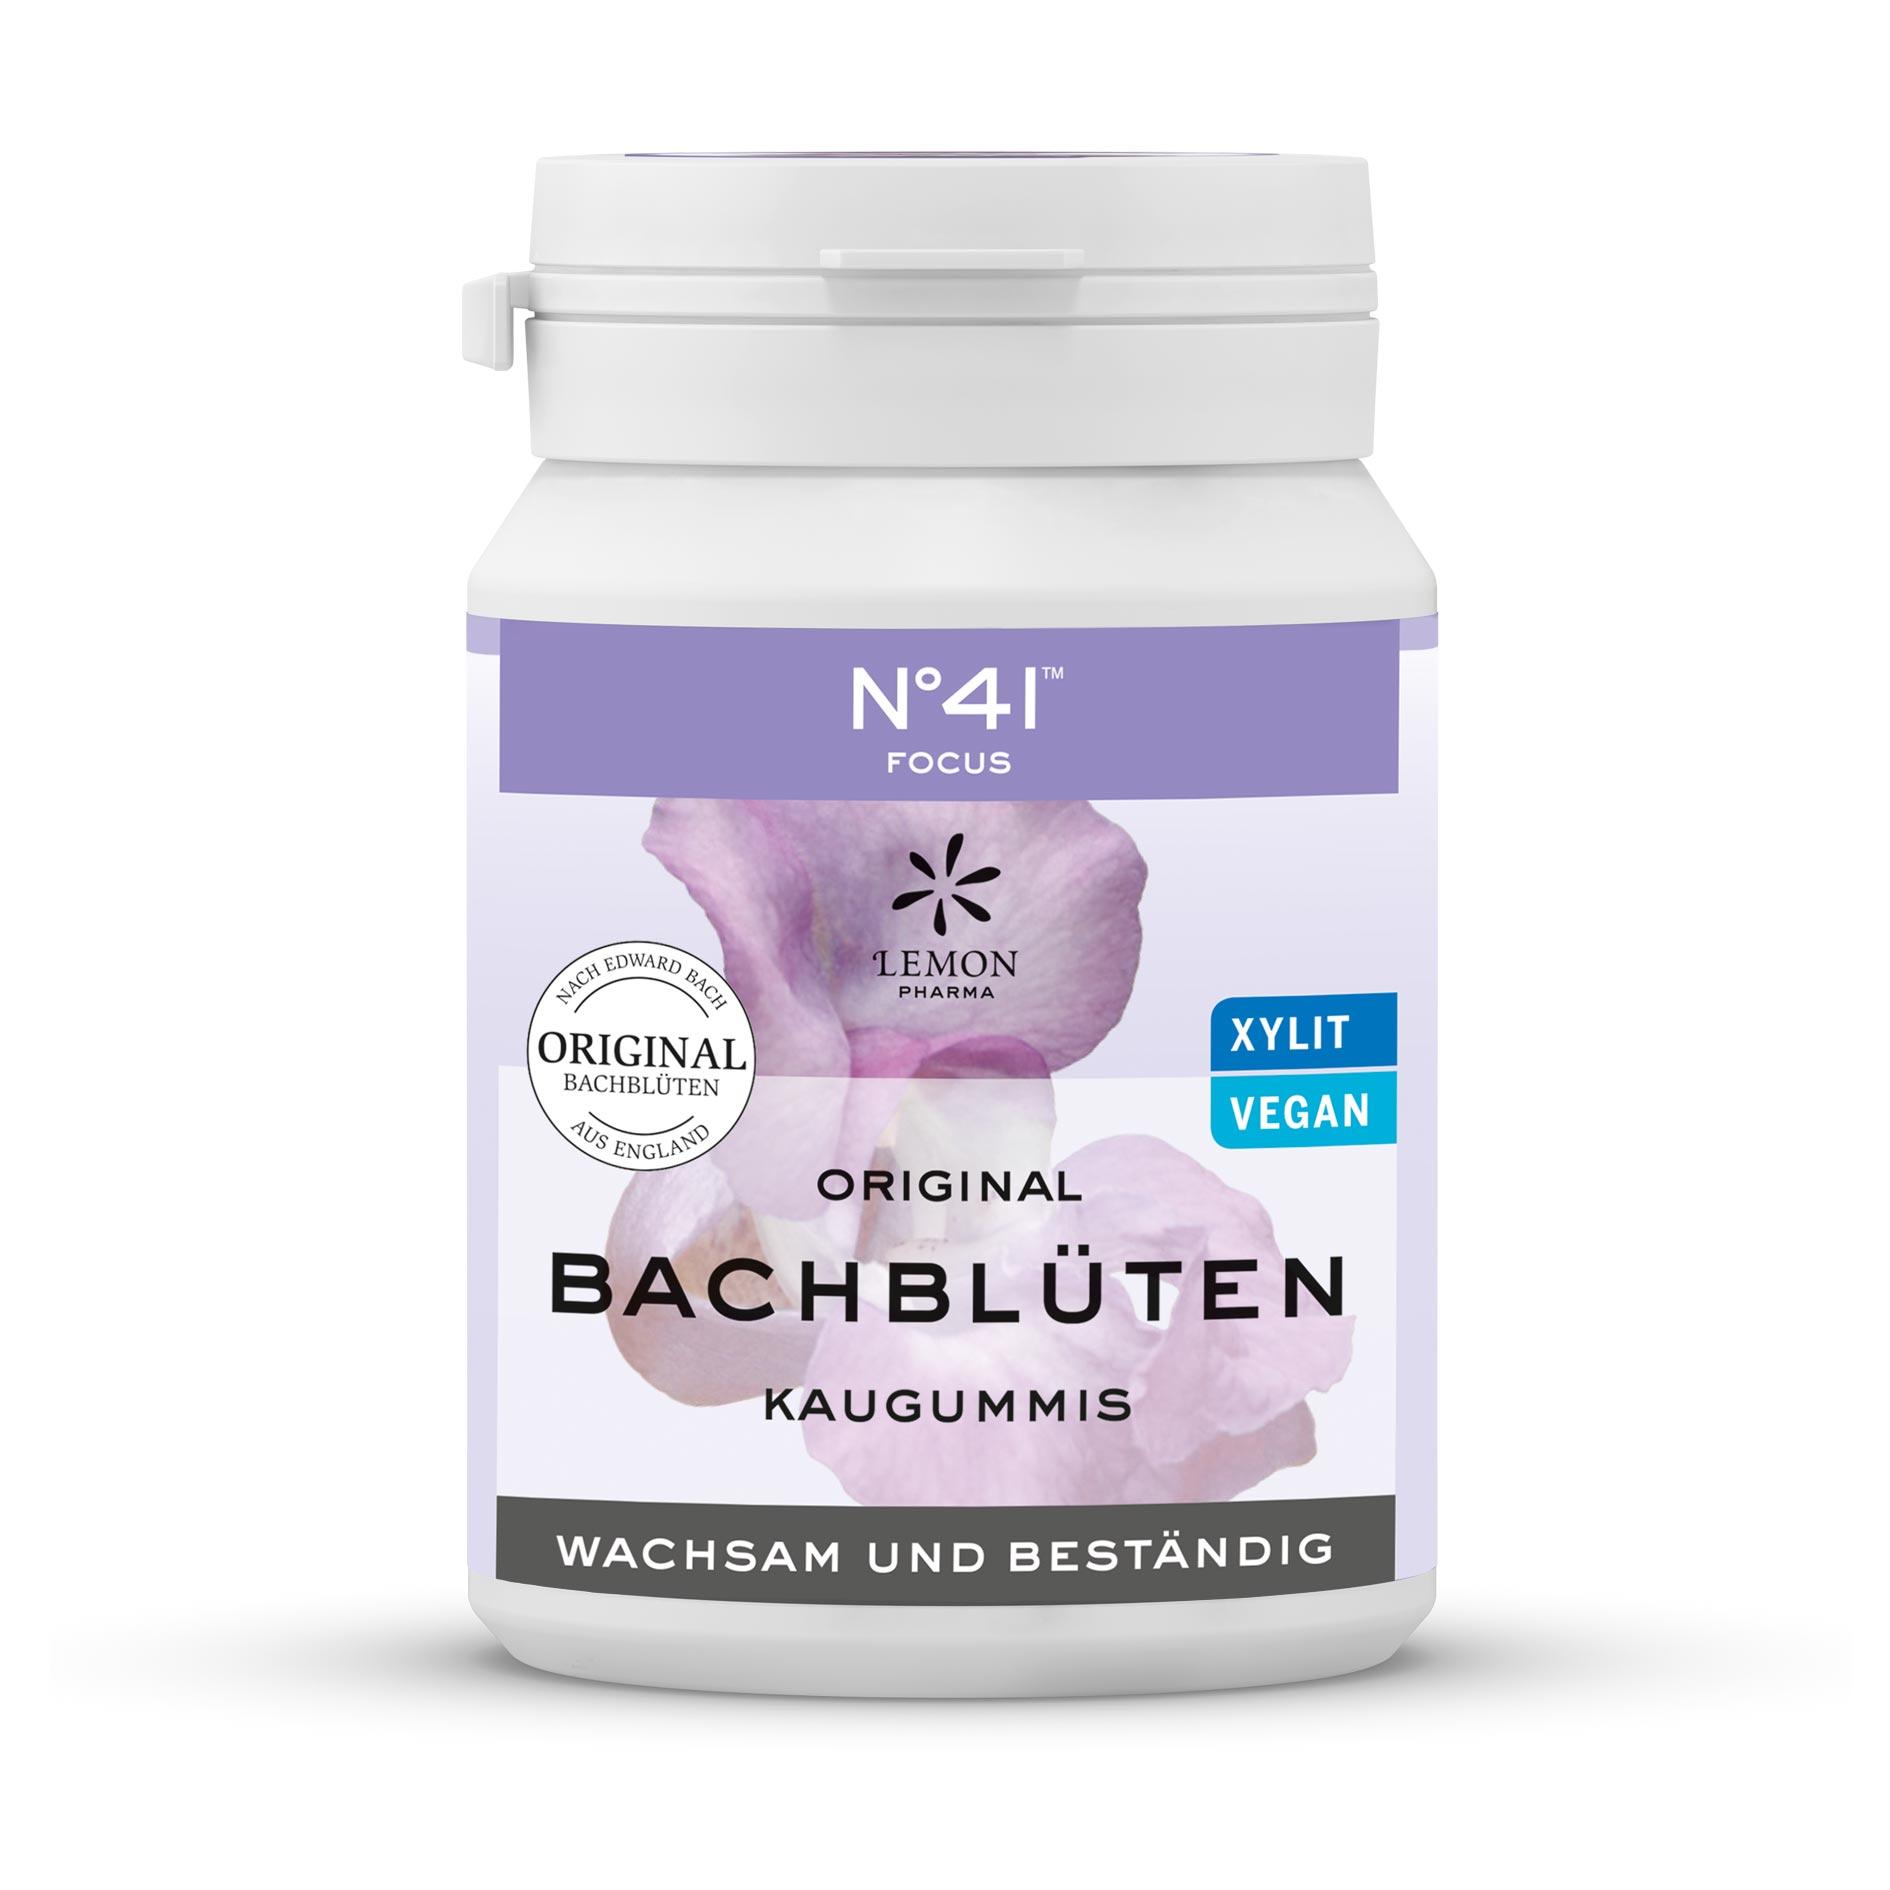 Gomma da masticare 41 Concentrazione Fiori di Bach originali Lemon Pharma Bach flowers Sveglio e resistente Xylit Vegano